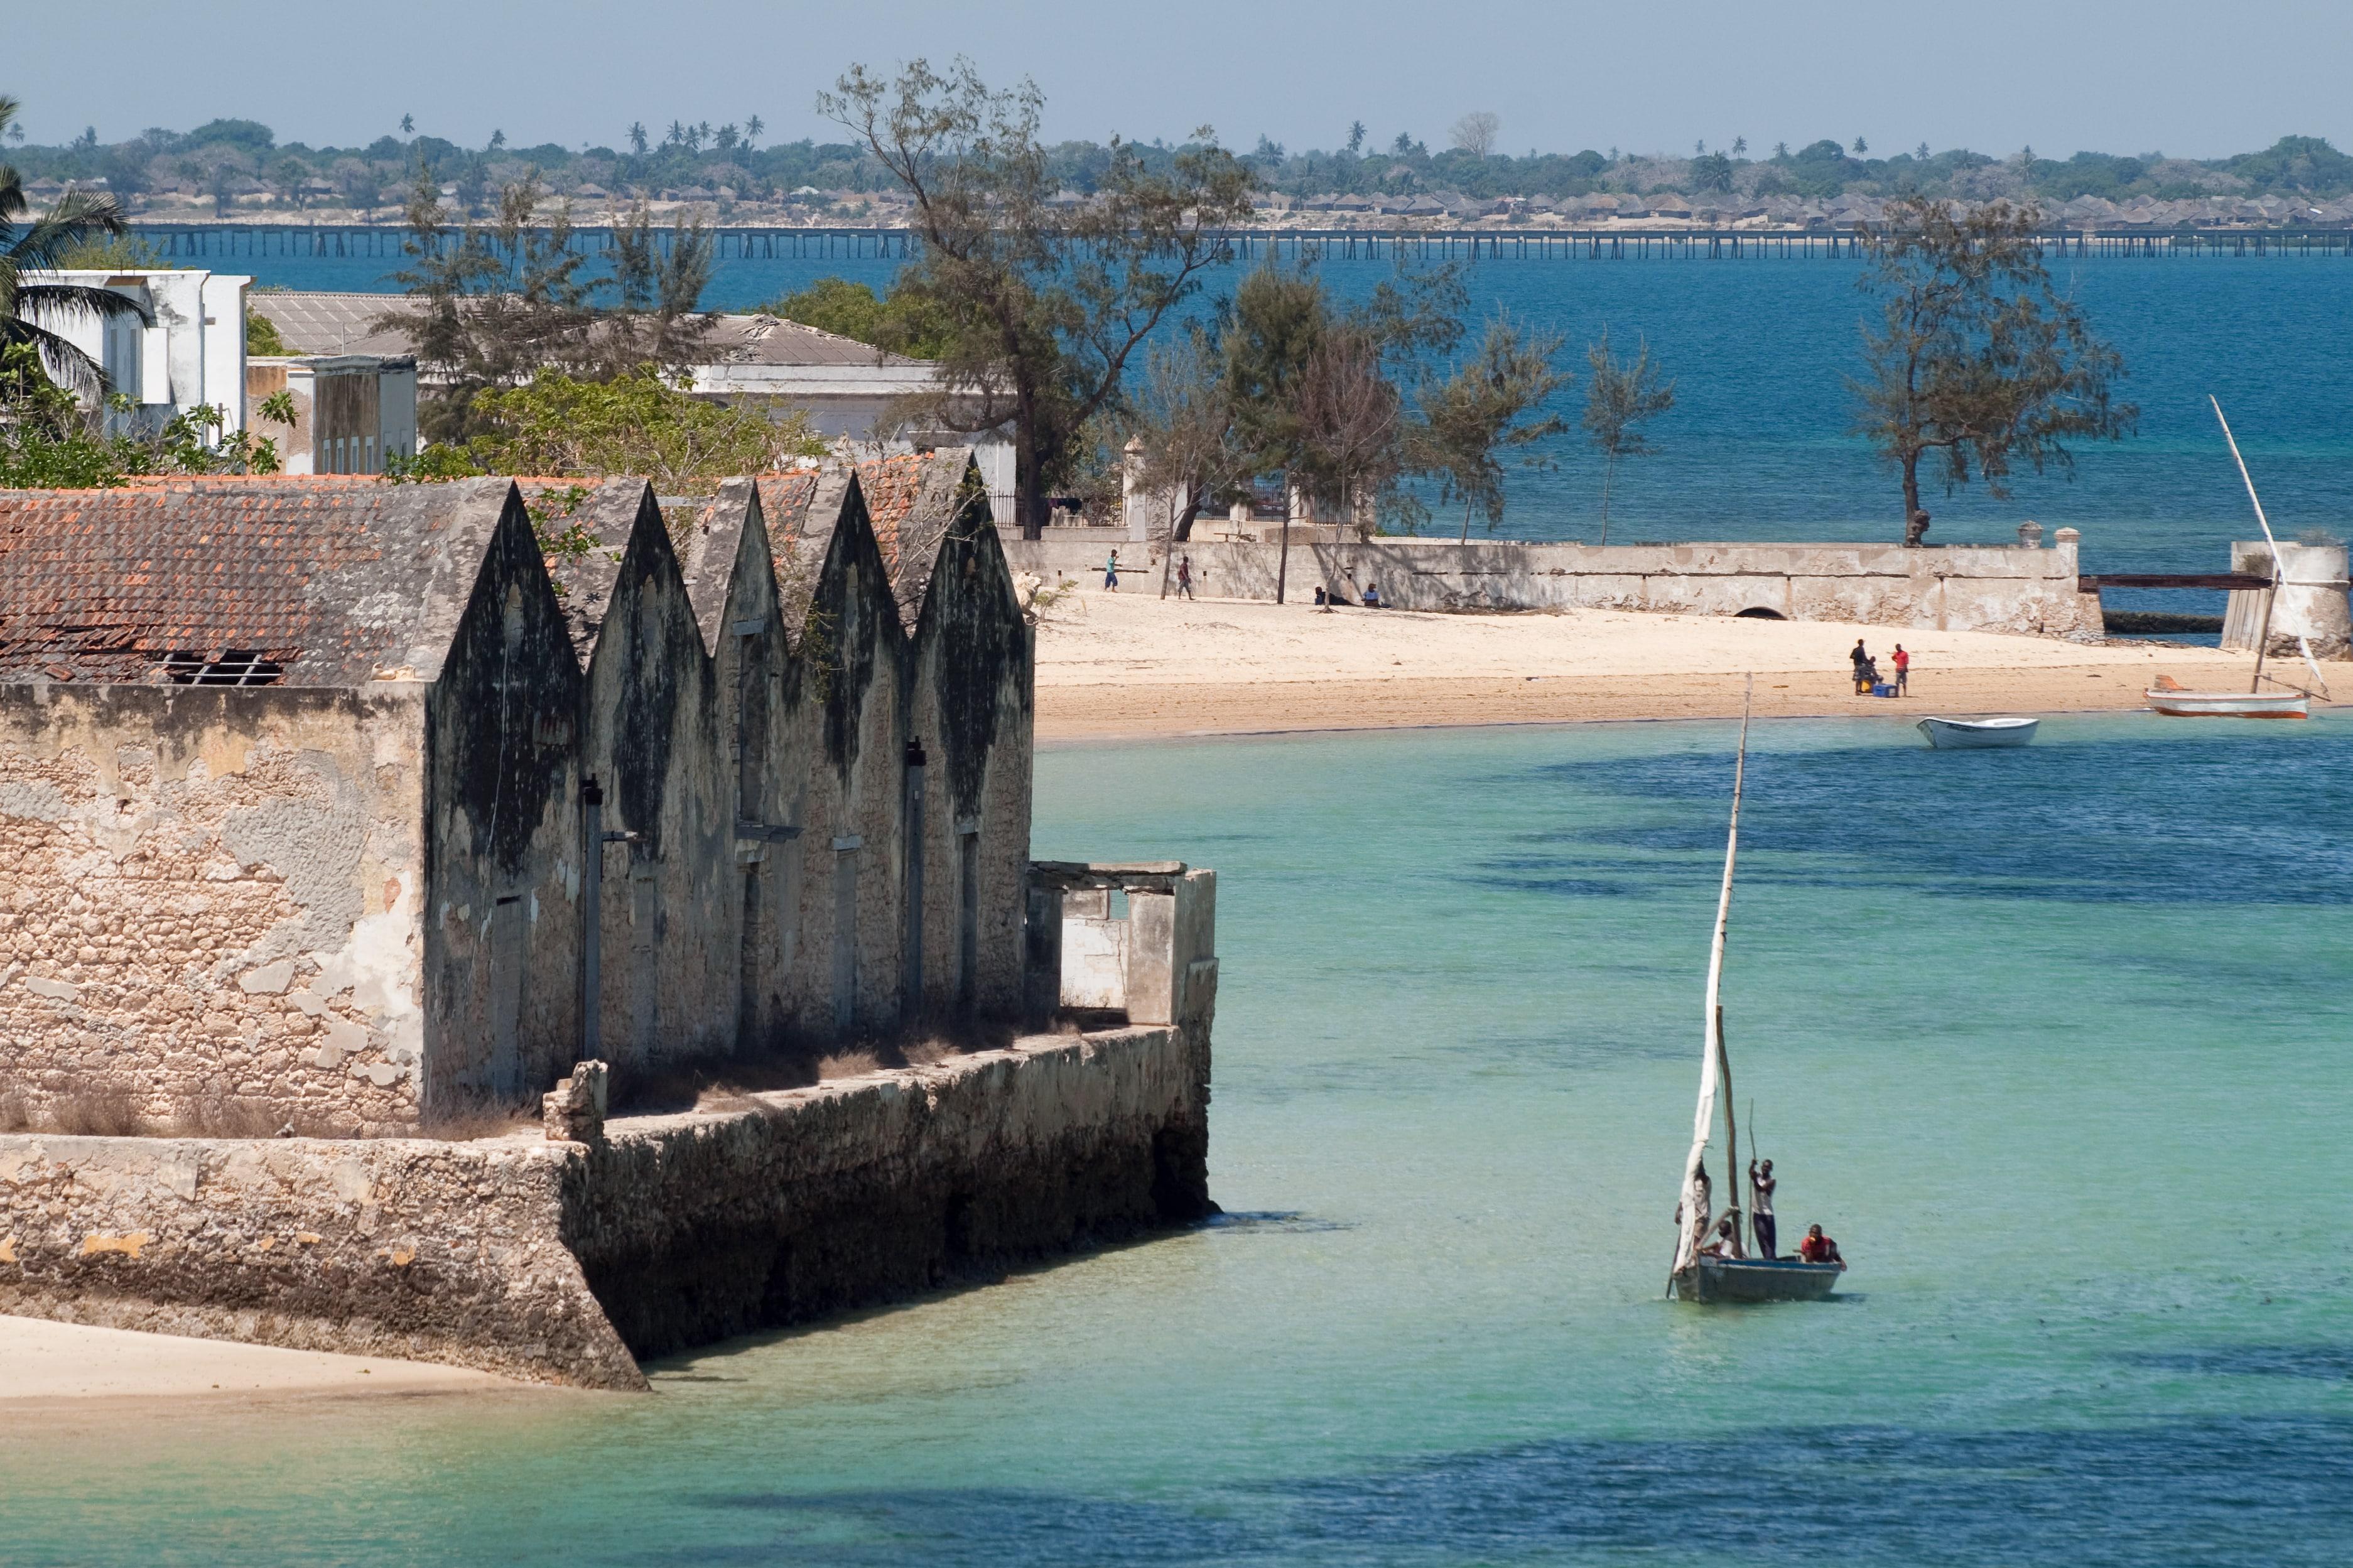 ilha_de_mocambique